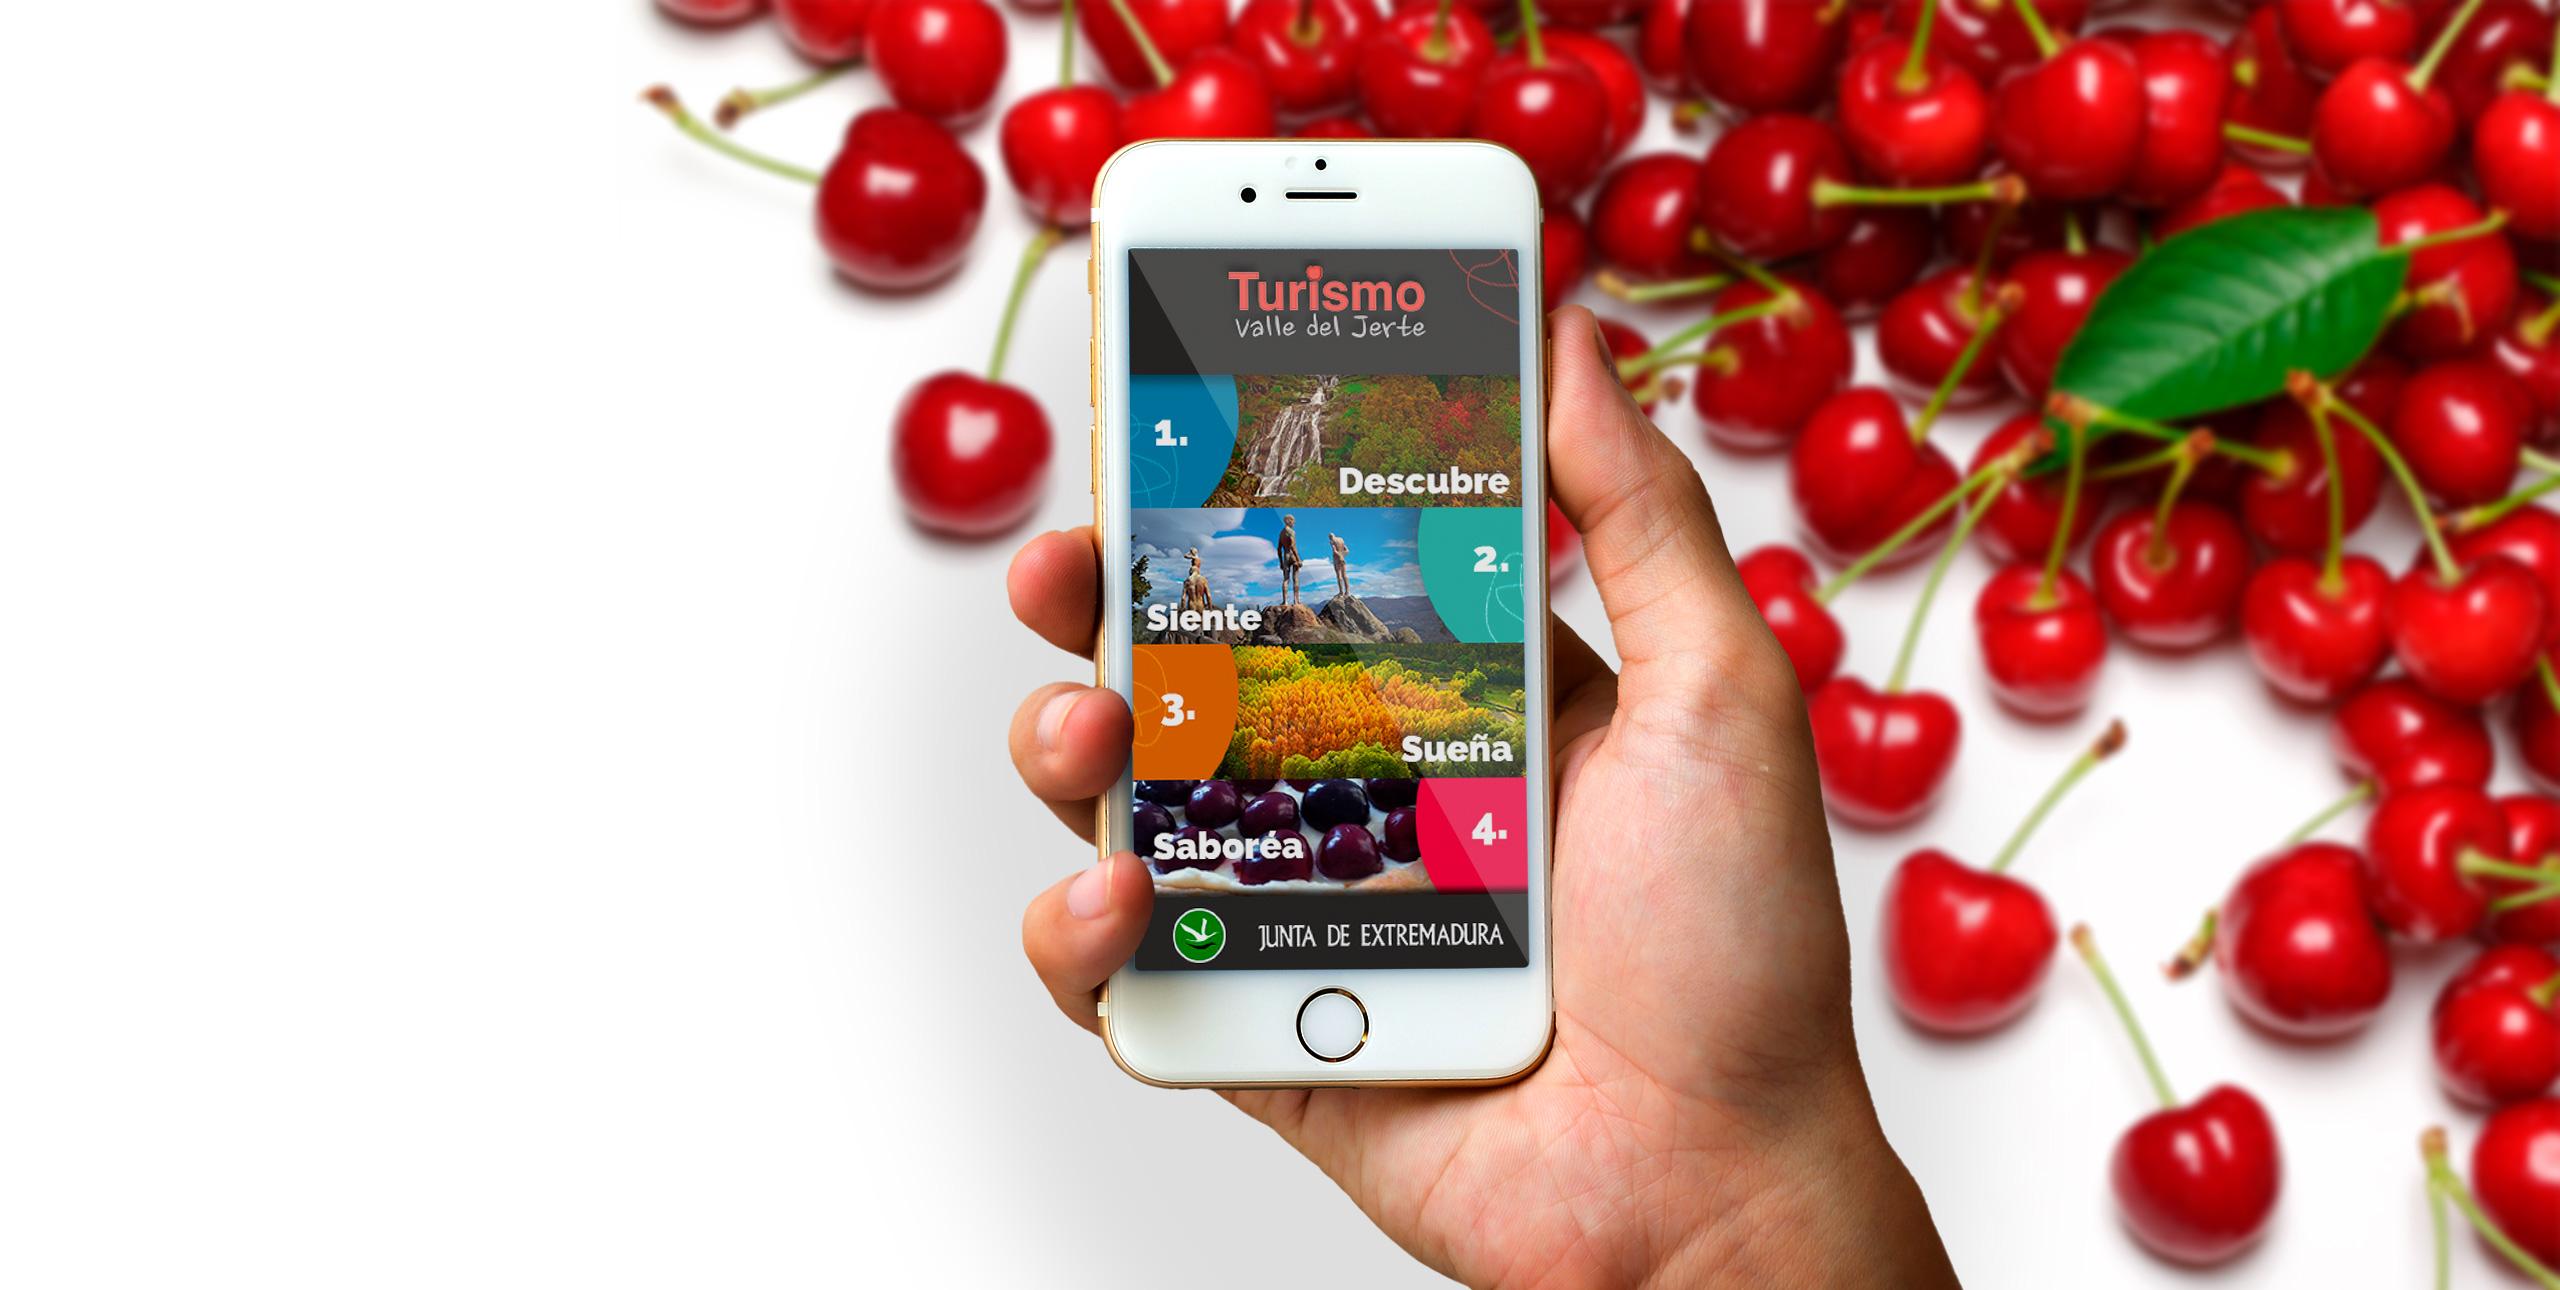 diseño y desarrollo de app para turismo del valle del jerte